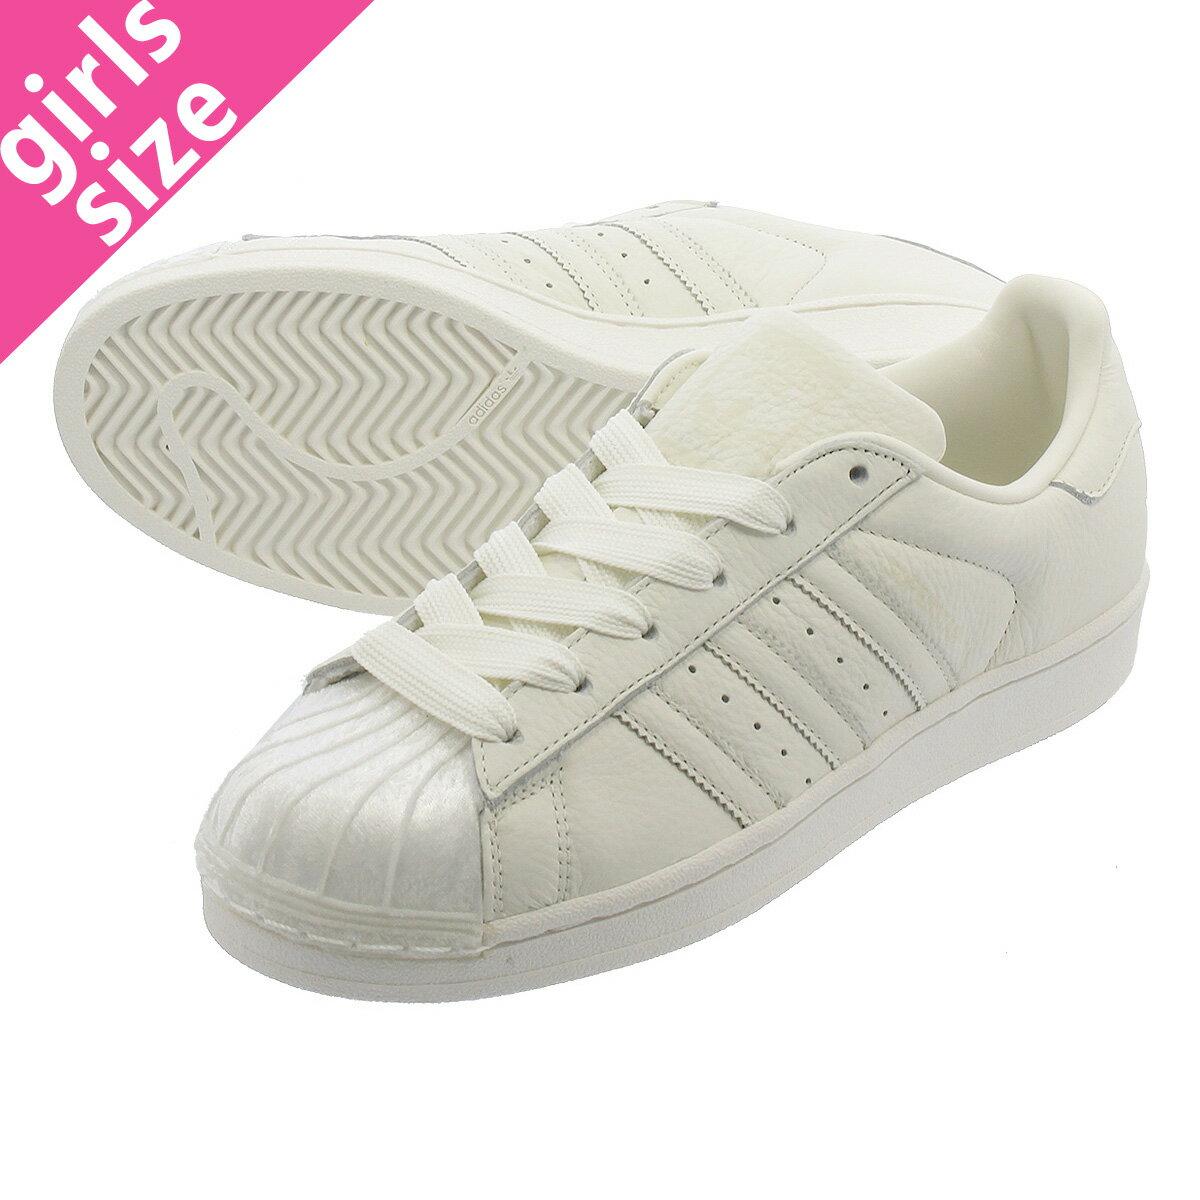 レディース靴, スニーカー adidas SUPERSTAR W W OFF WHITEOFF WHITEOFF WHITE cg6010